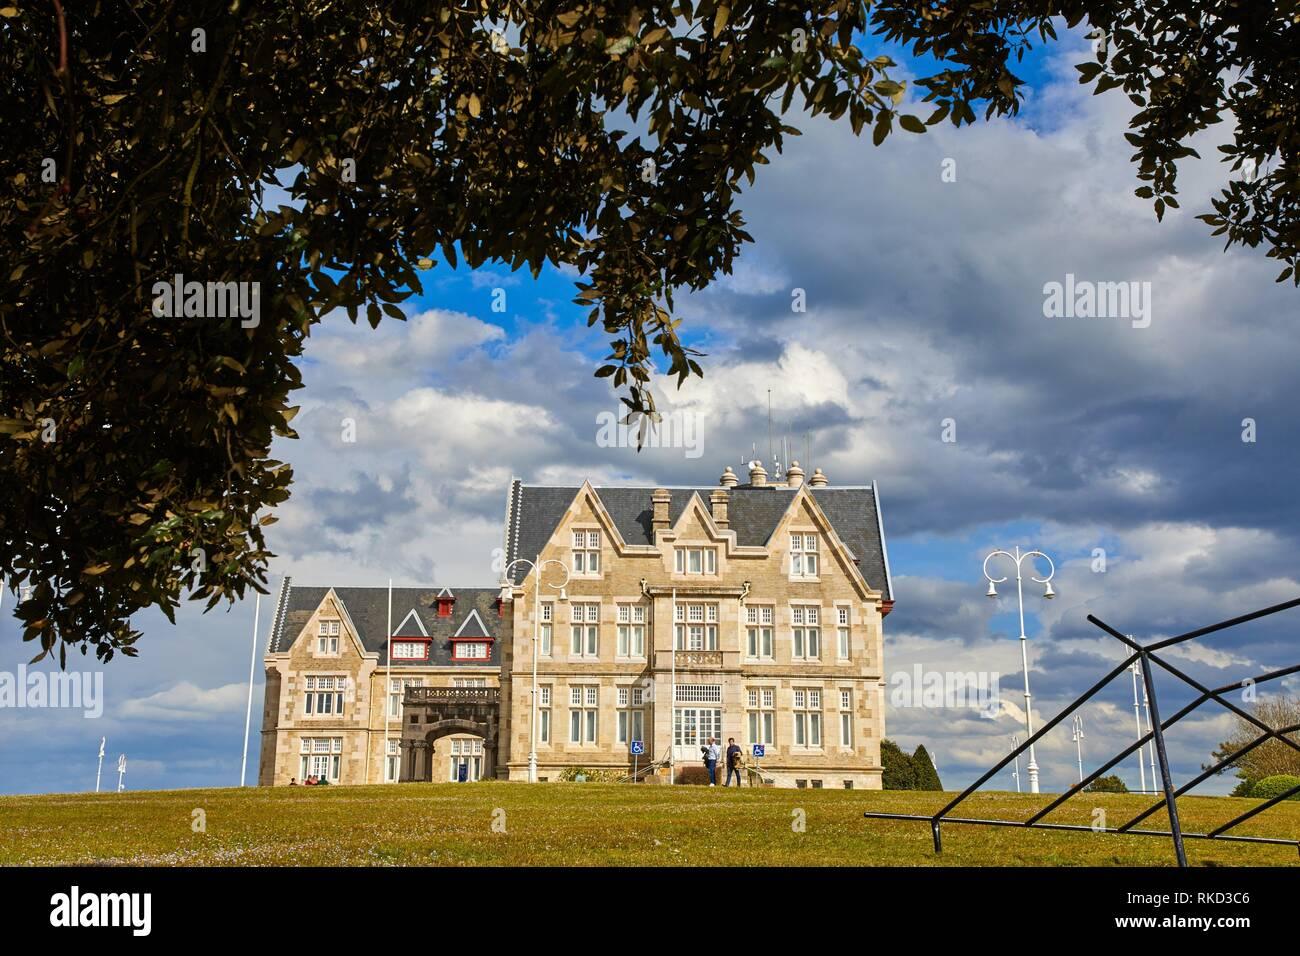 Universidad Internacional Menéndez Pelayo, Palacio and Península de la Magdalena, Santander, Cantabria, Spain, Europe - Stock Image